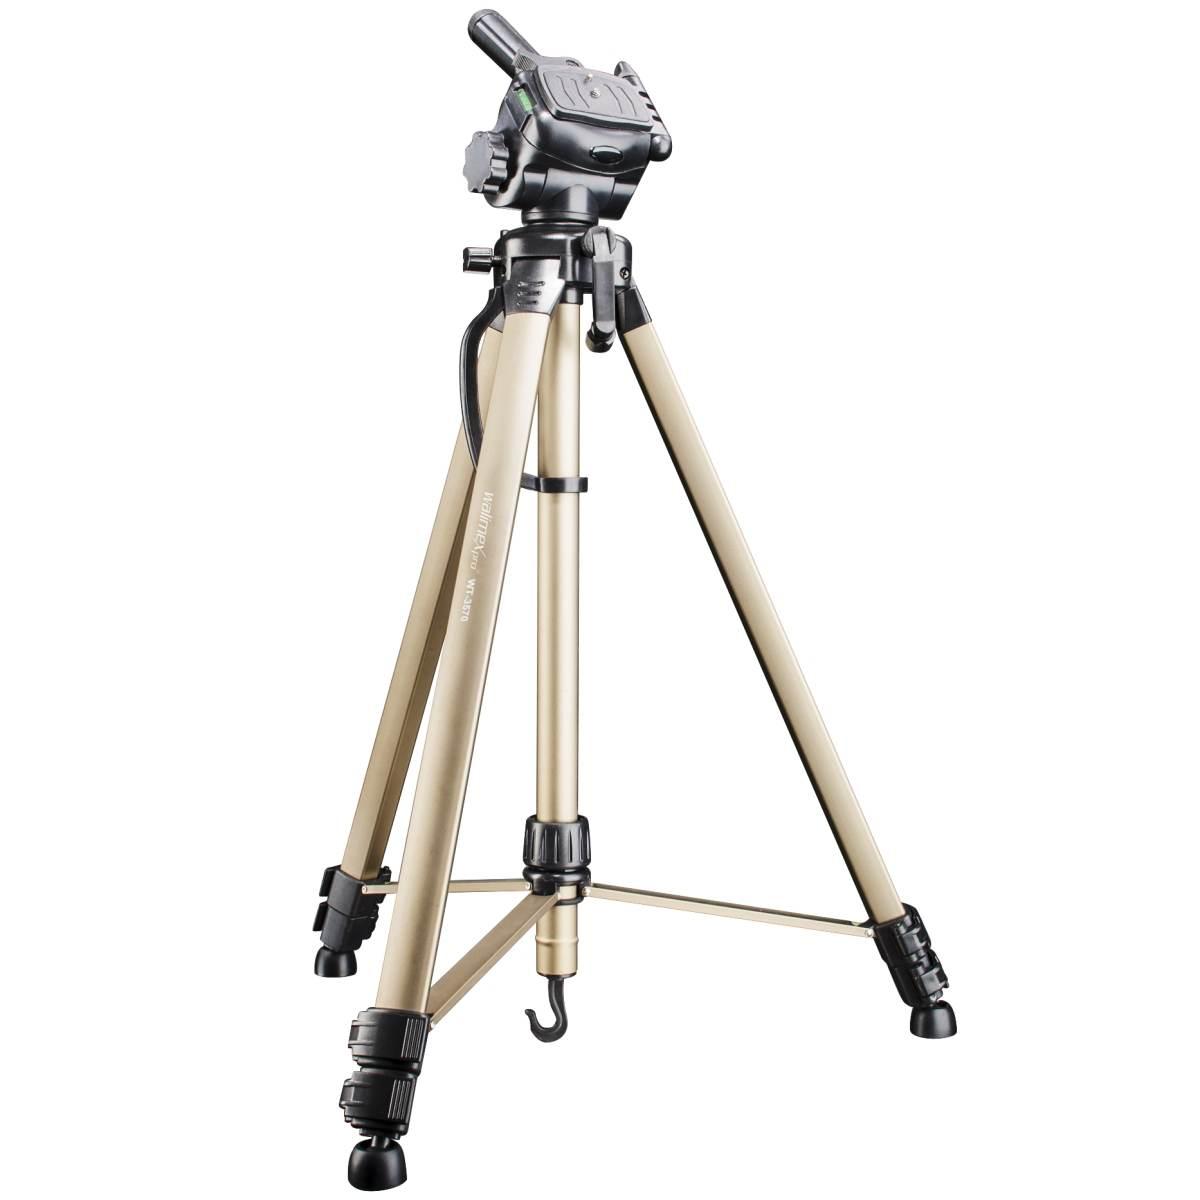 Walimex WT-3530 Basic-Tripod 3D-Panhead 146cm bronze